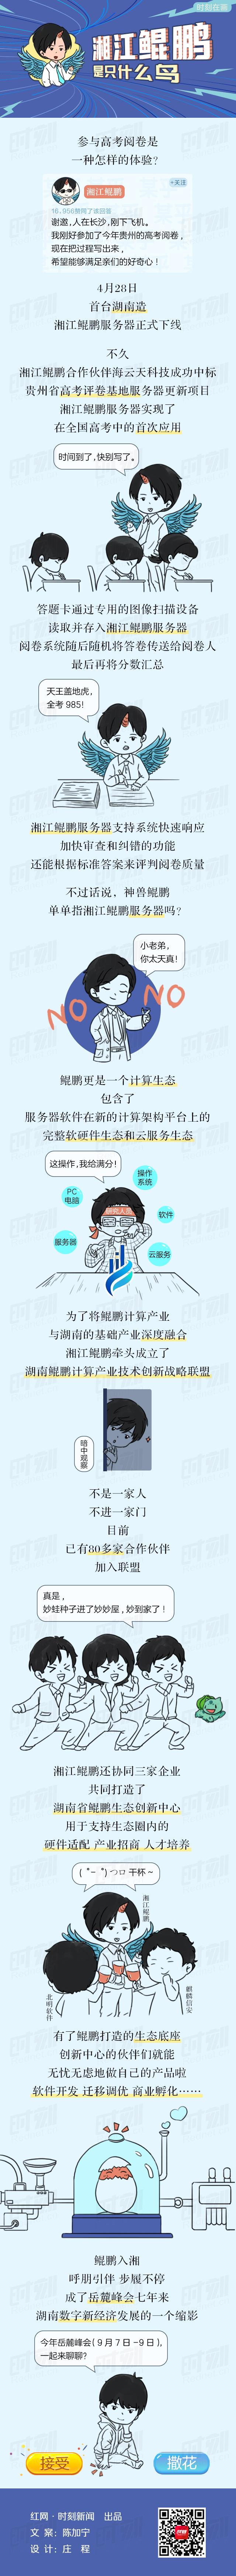 湘江鲲鹏是只什么鸟(3).jpg